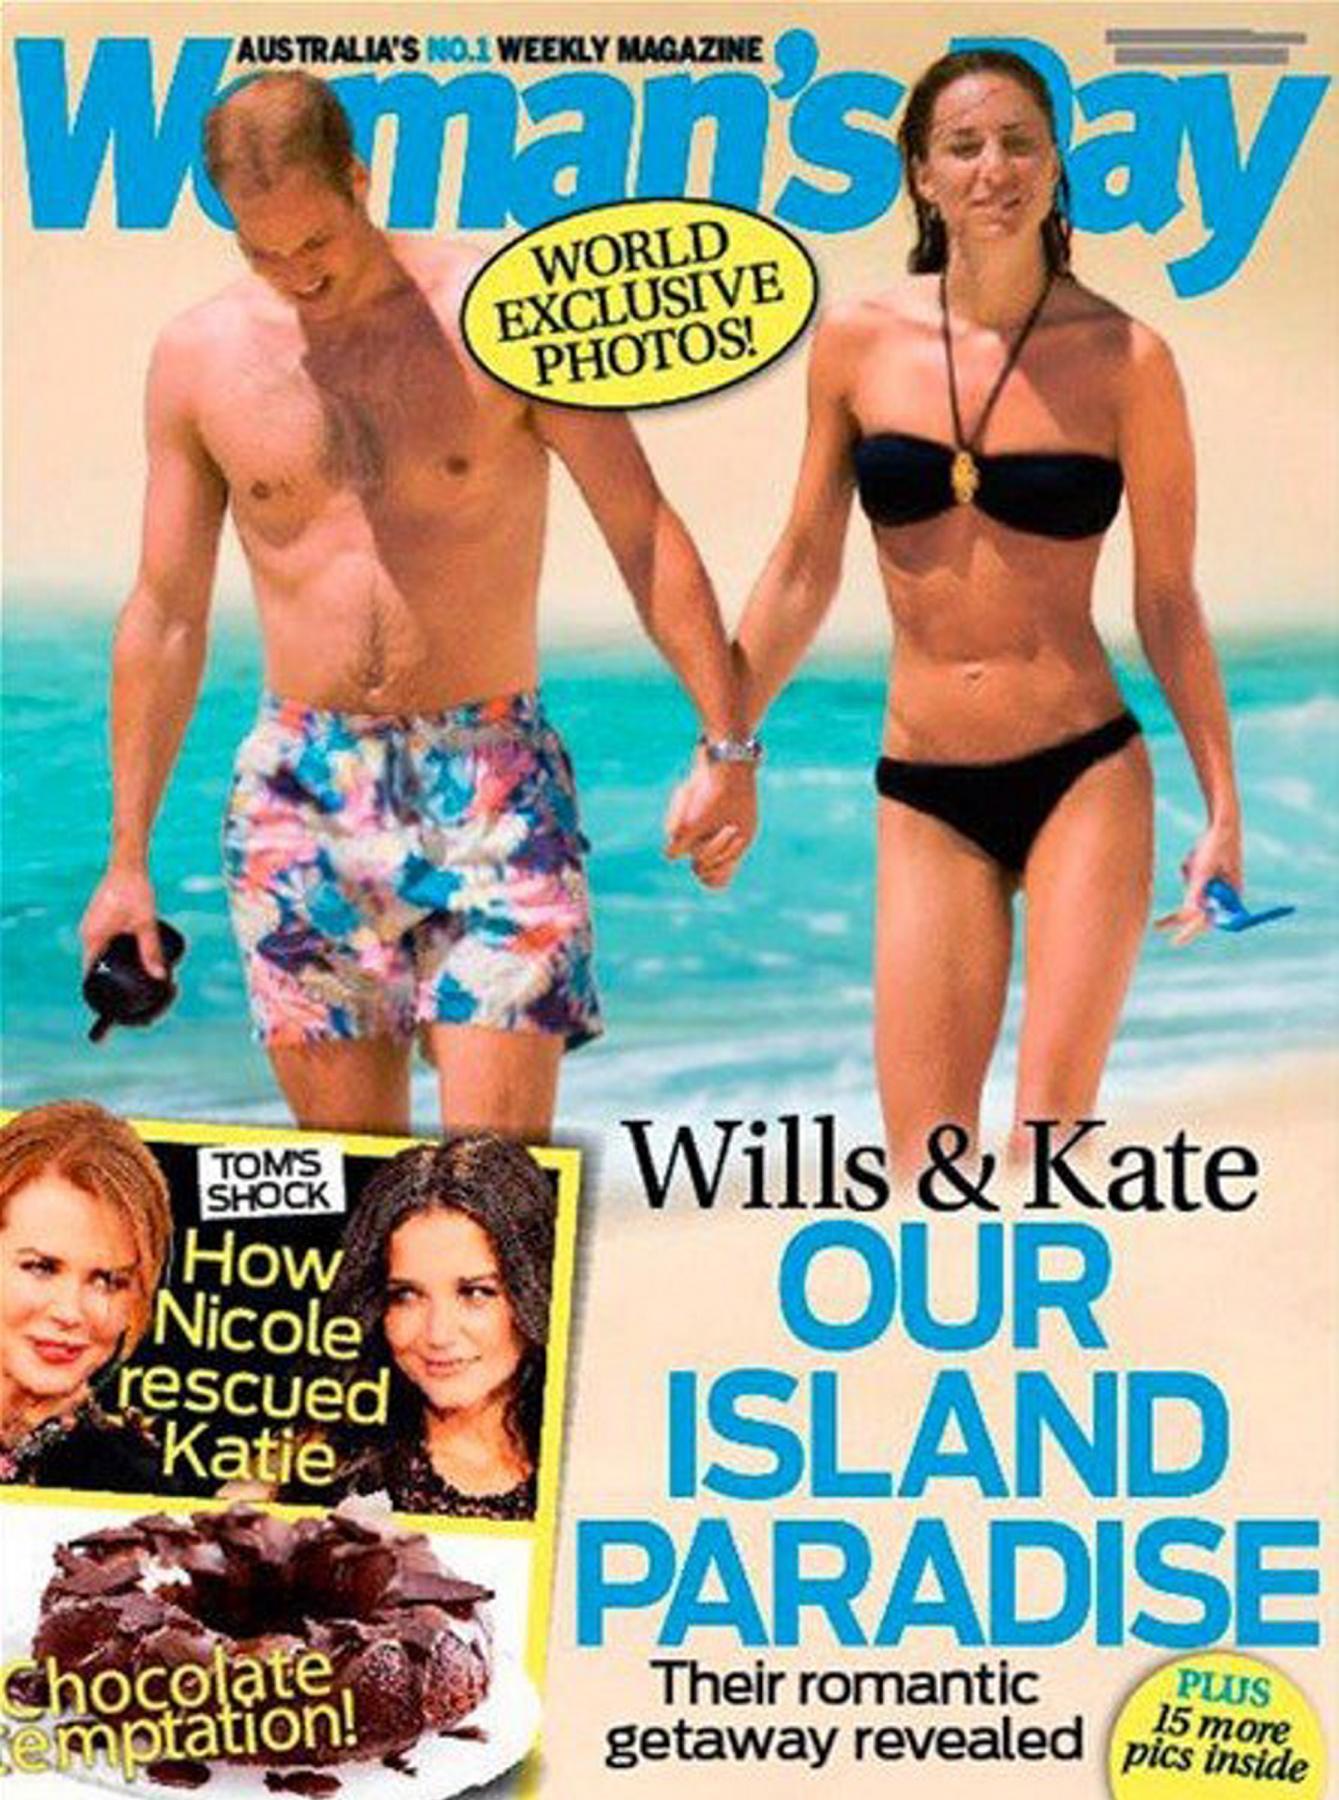 William e Kate, ecco le foto rubate del viaggio di nozze